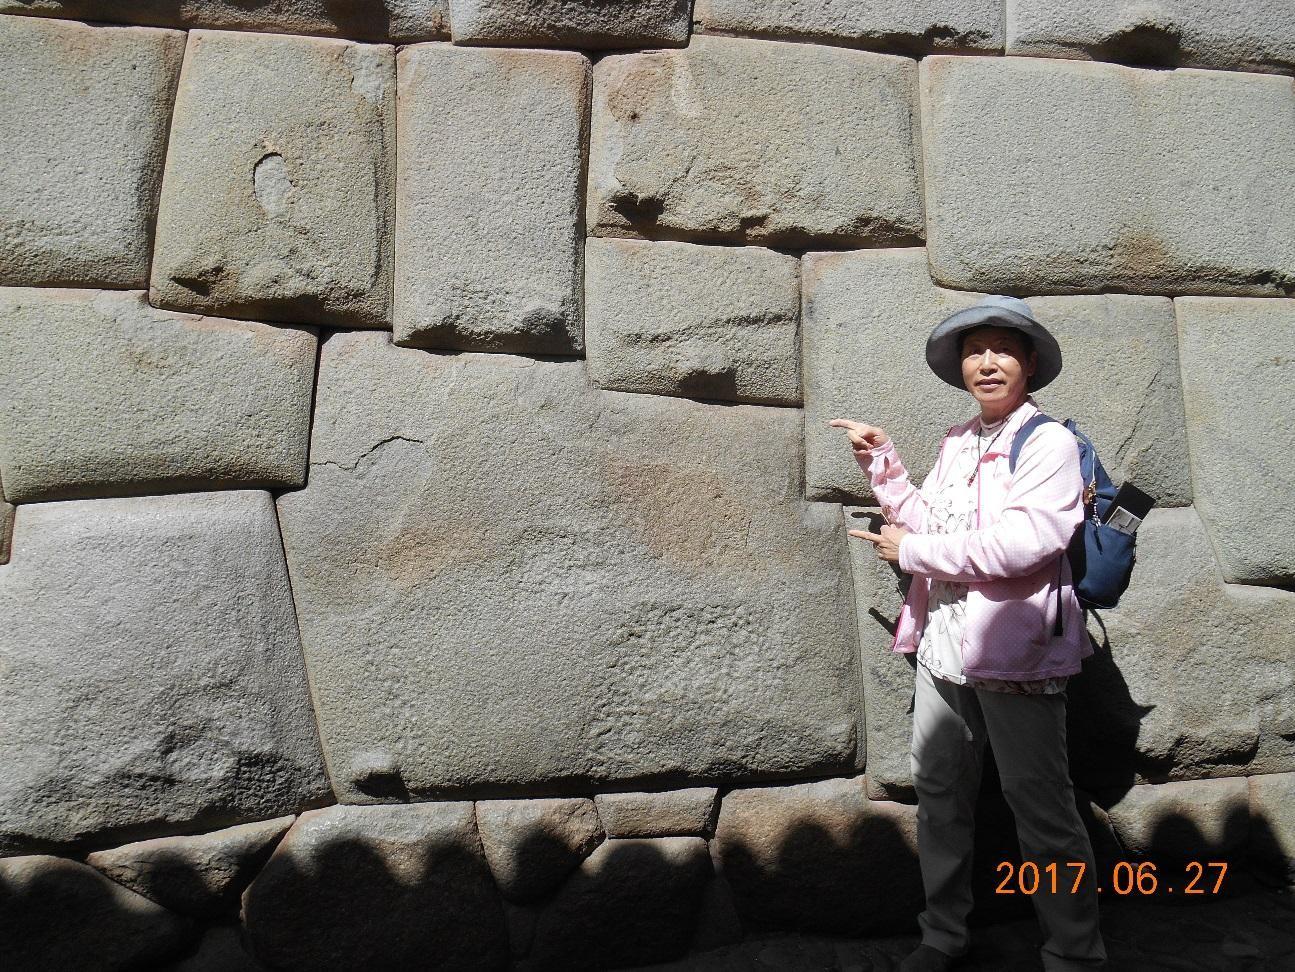 クスコ 12角の石